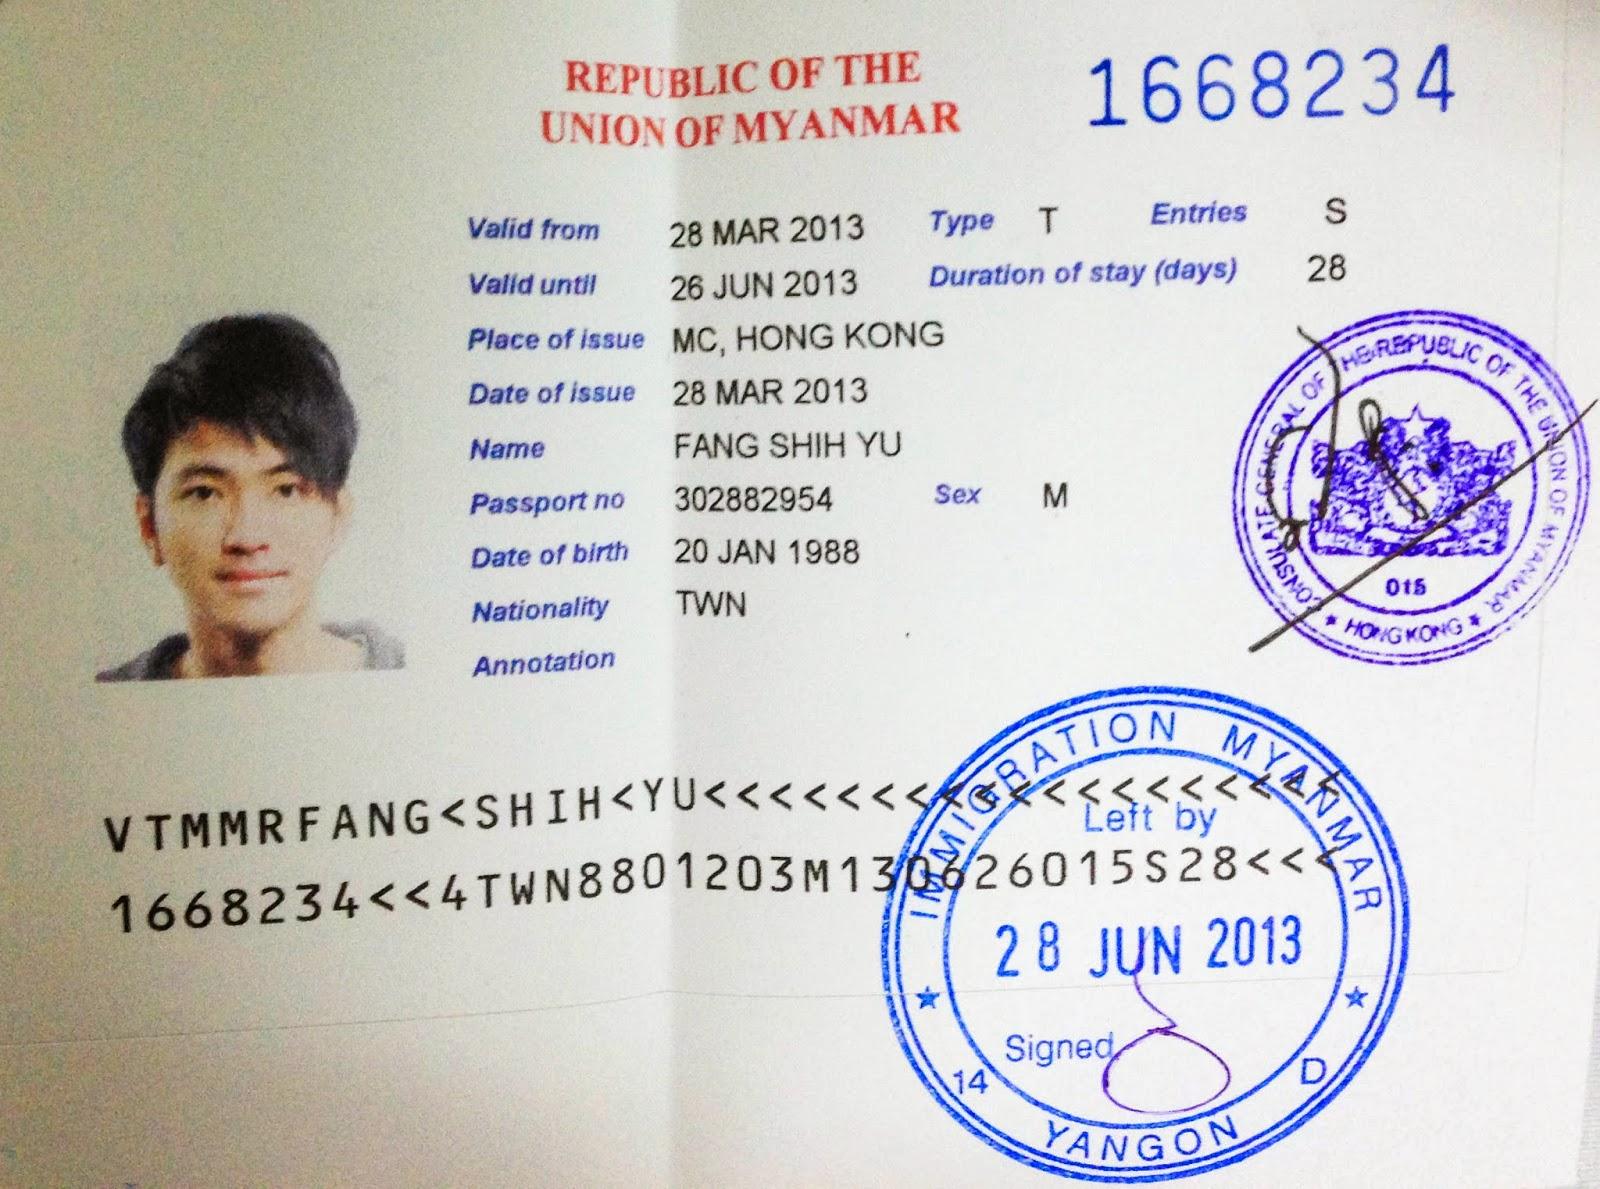 旅行社代辦護照費用 旅行- 旅行社代辦護照費用 旅行 - 快熱資訊 - 走進時代